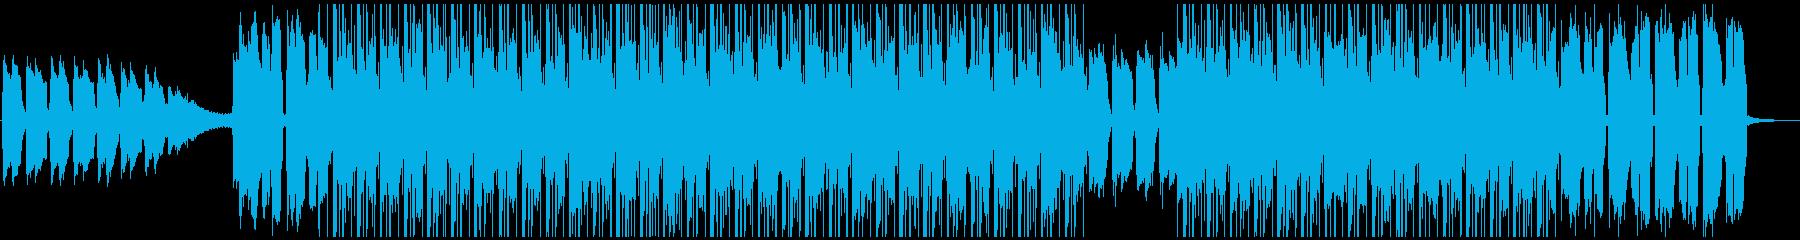 ギターの落ち着いたサウンドが特徴のBGMの再生済みの波形